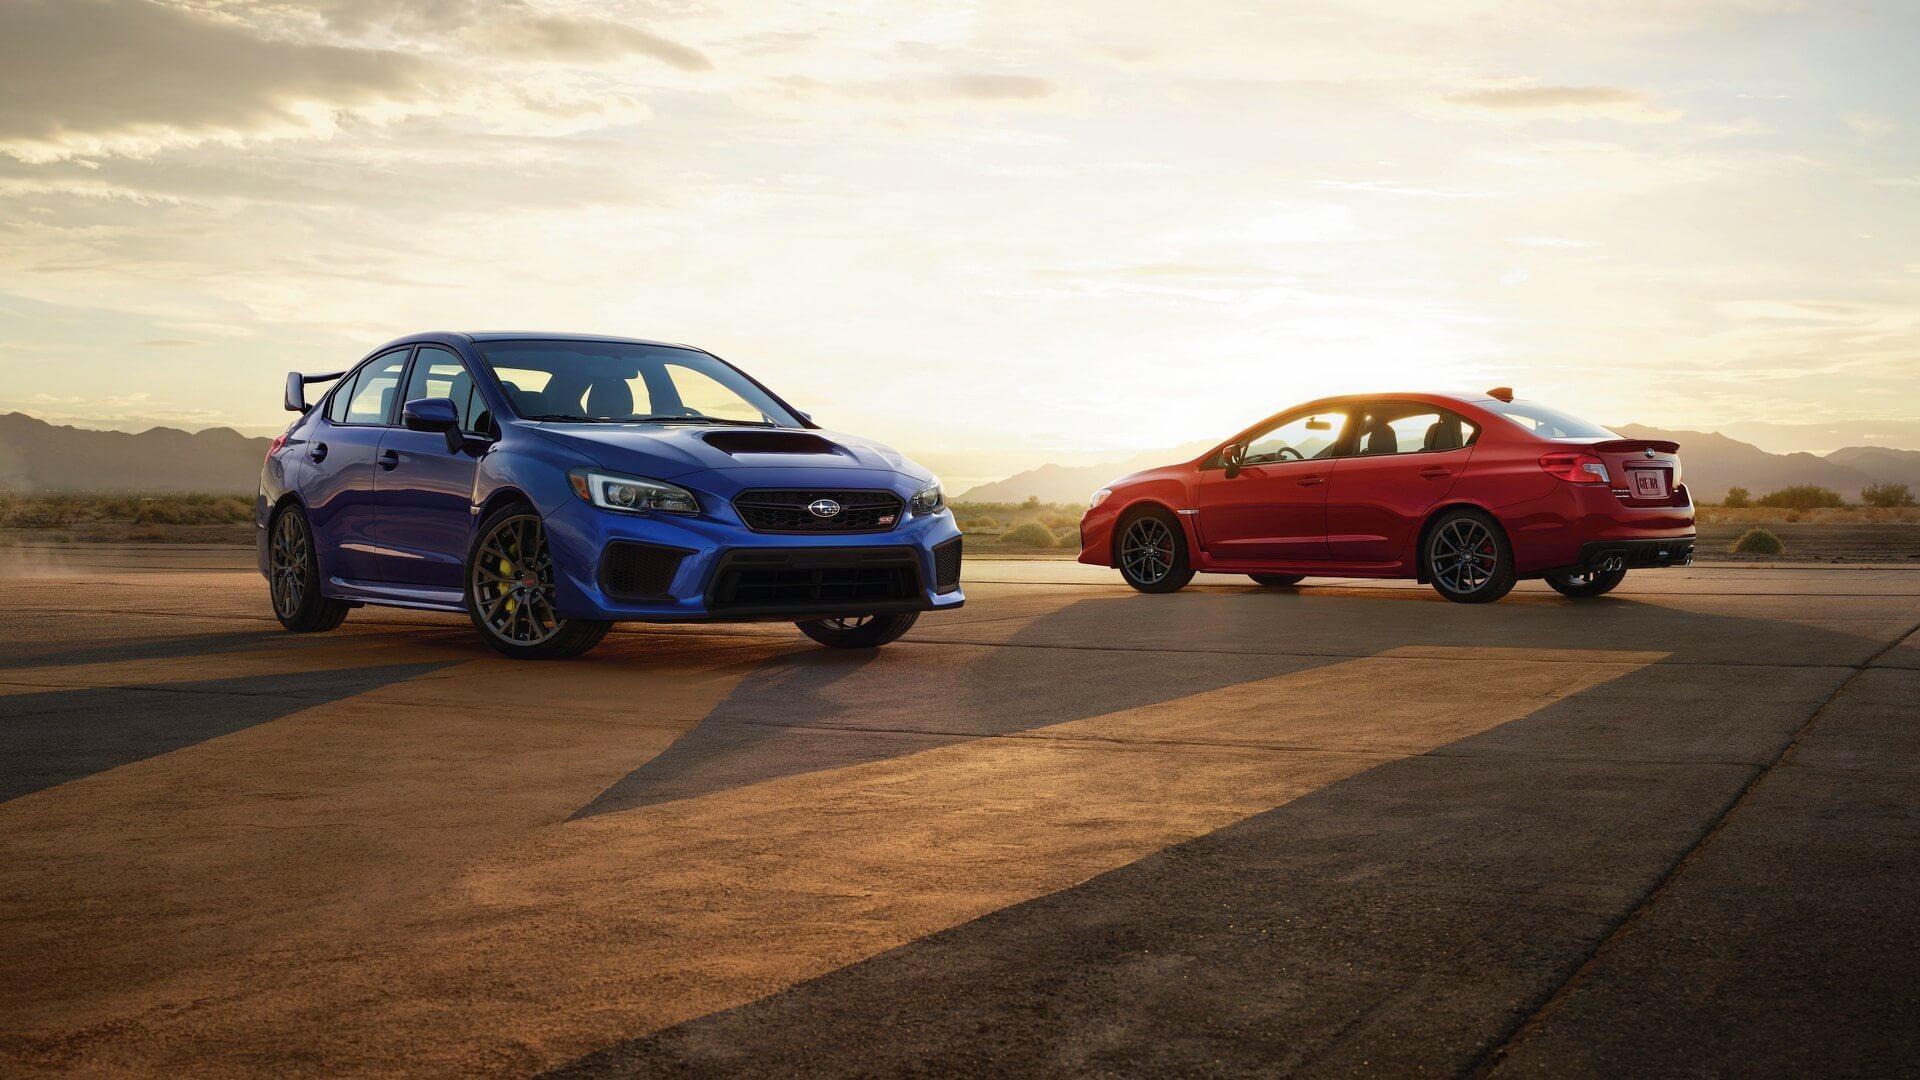 2019 Subaru WRX STI Revealed With 310 Horsepower